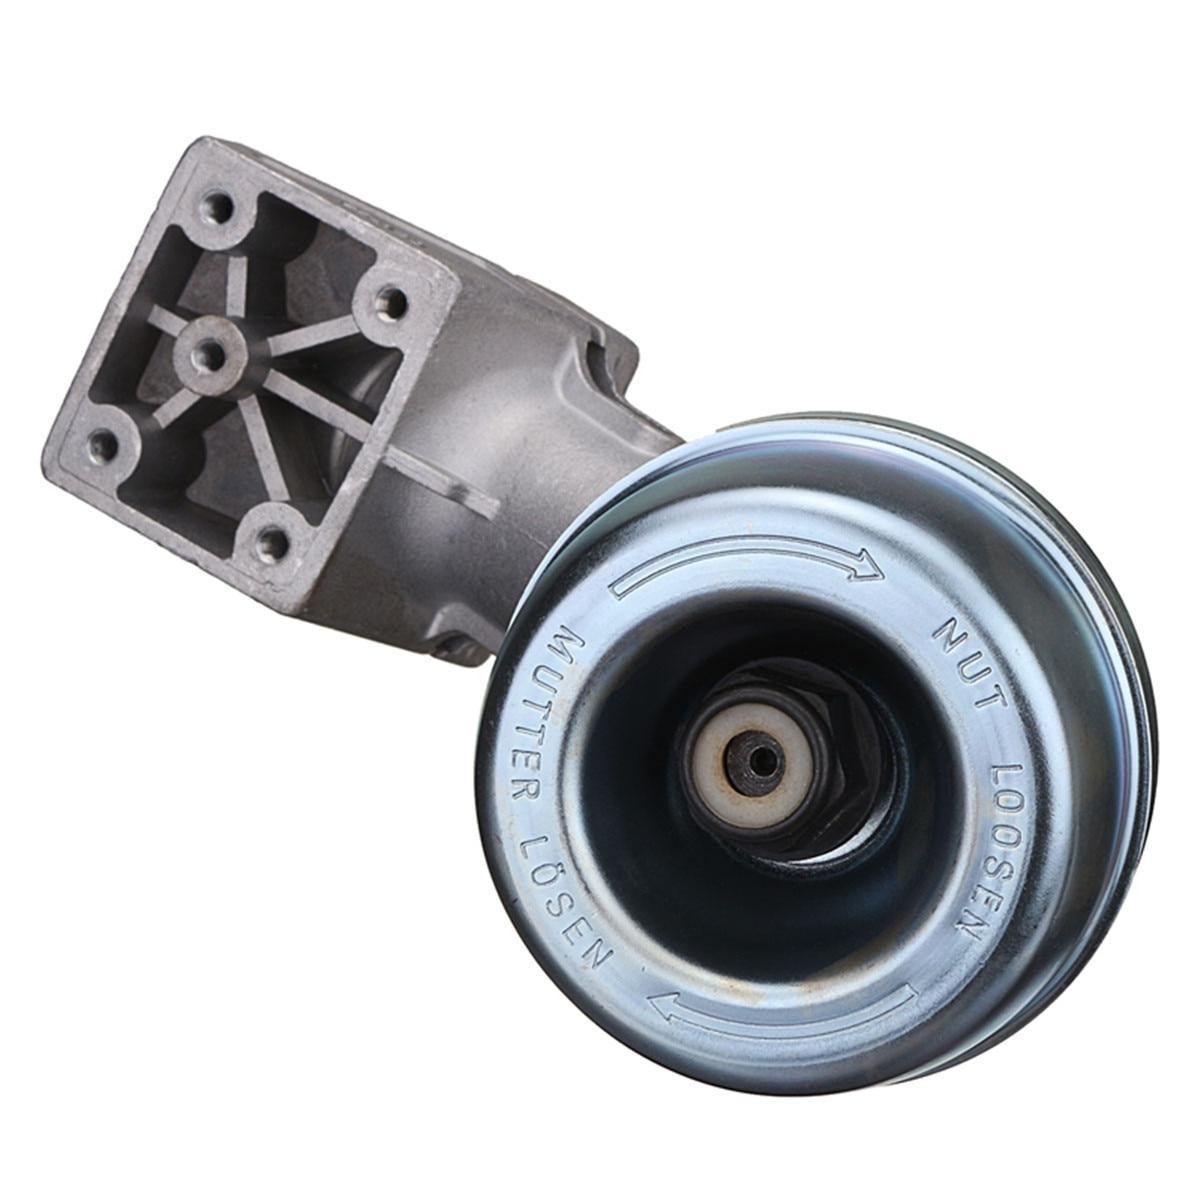 STIHL Trimmer Gear Box head 4137 640 0100 FS44 FS65-4 FS74 FS80 FS90 FS110 FS130